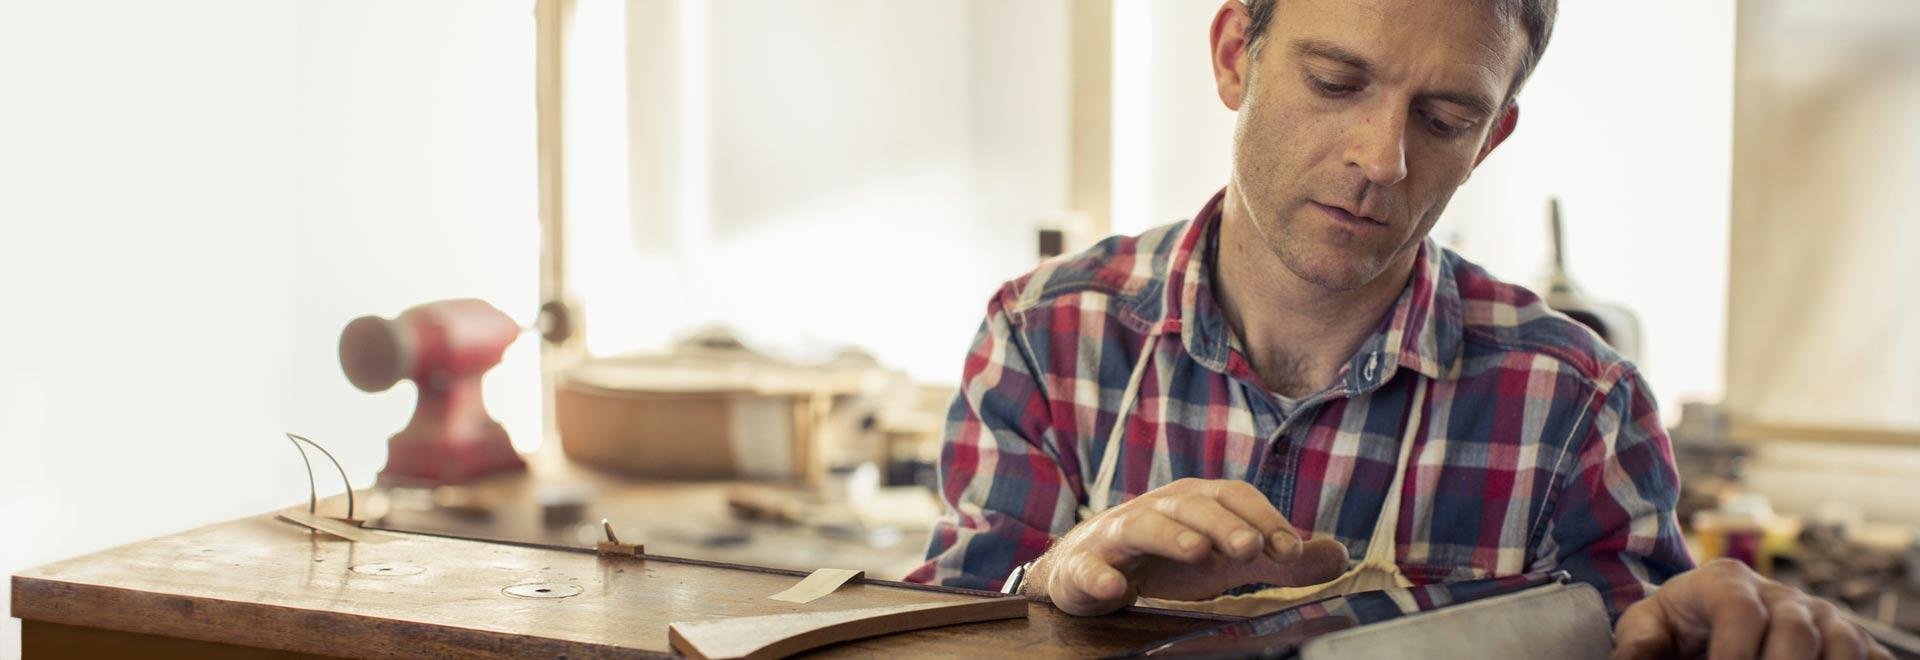 Muškarac u radionici koristi Office 365 Business na tabletu